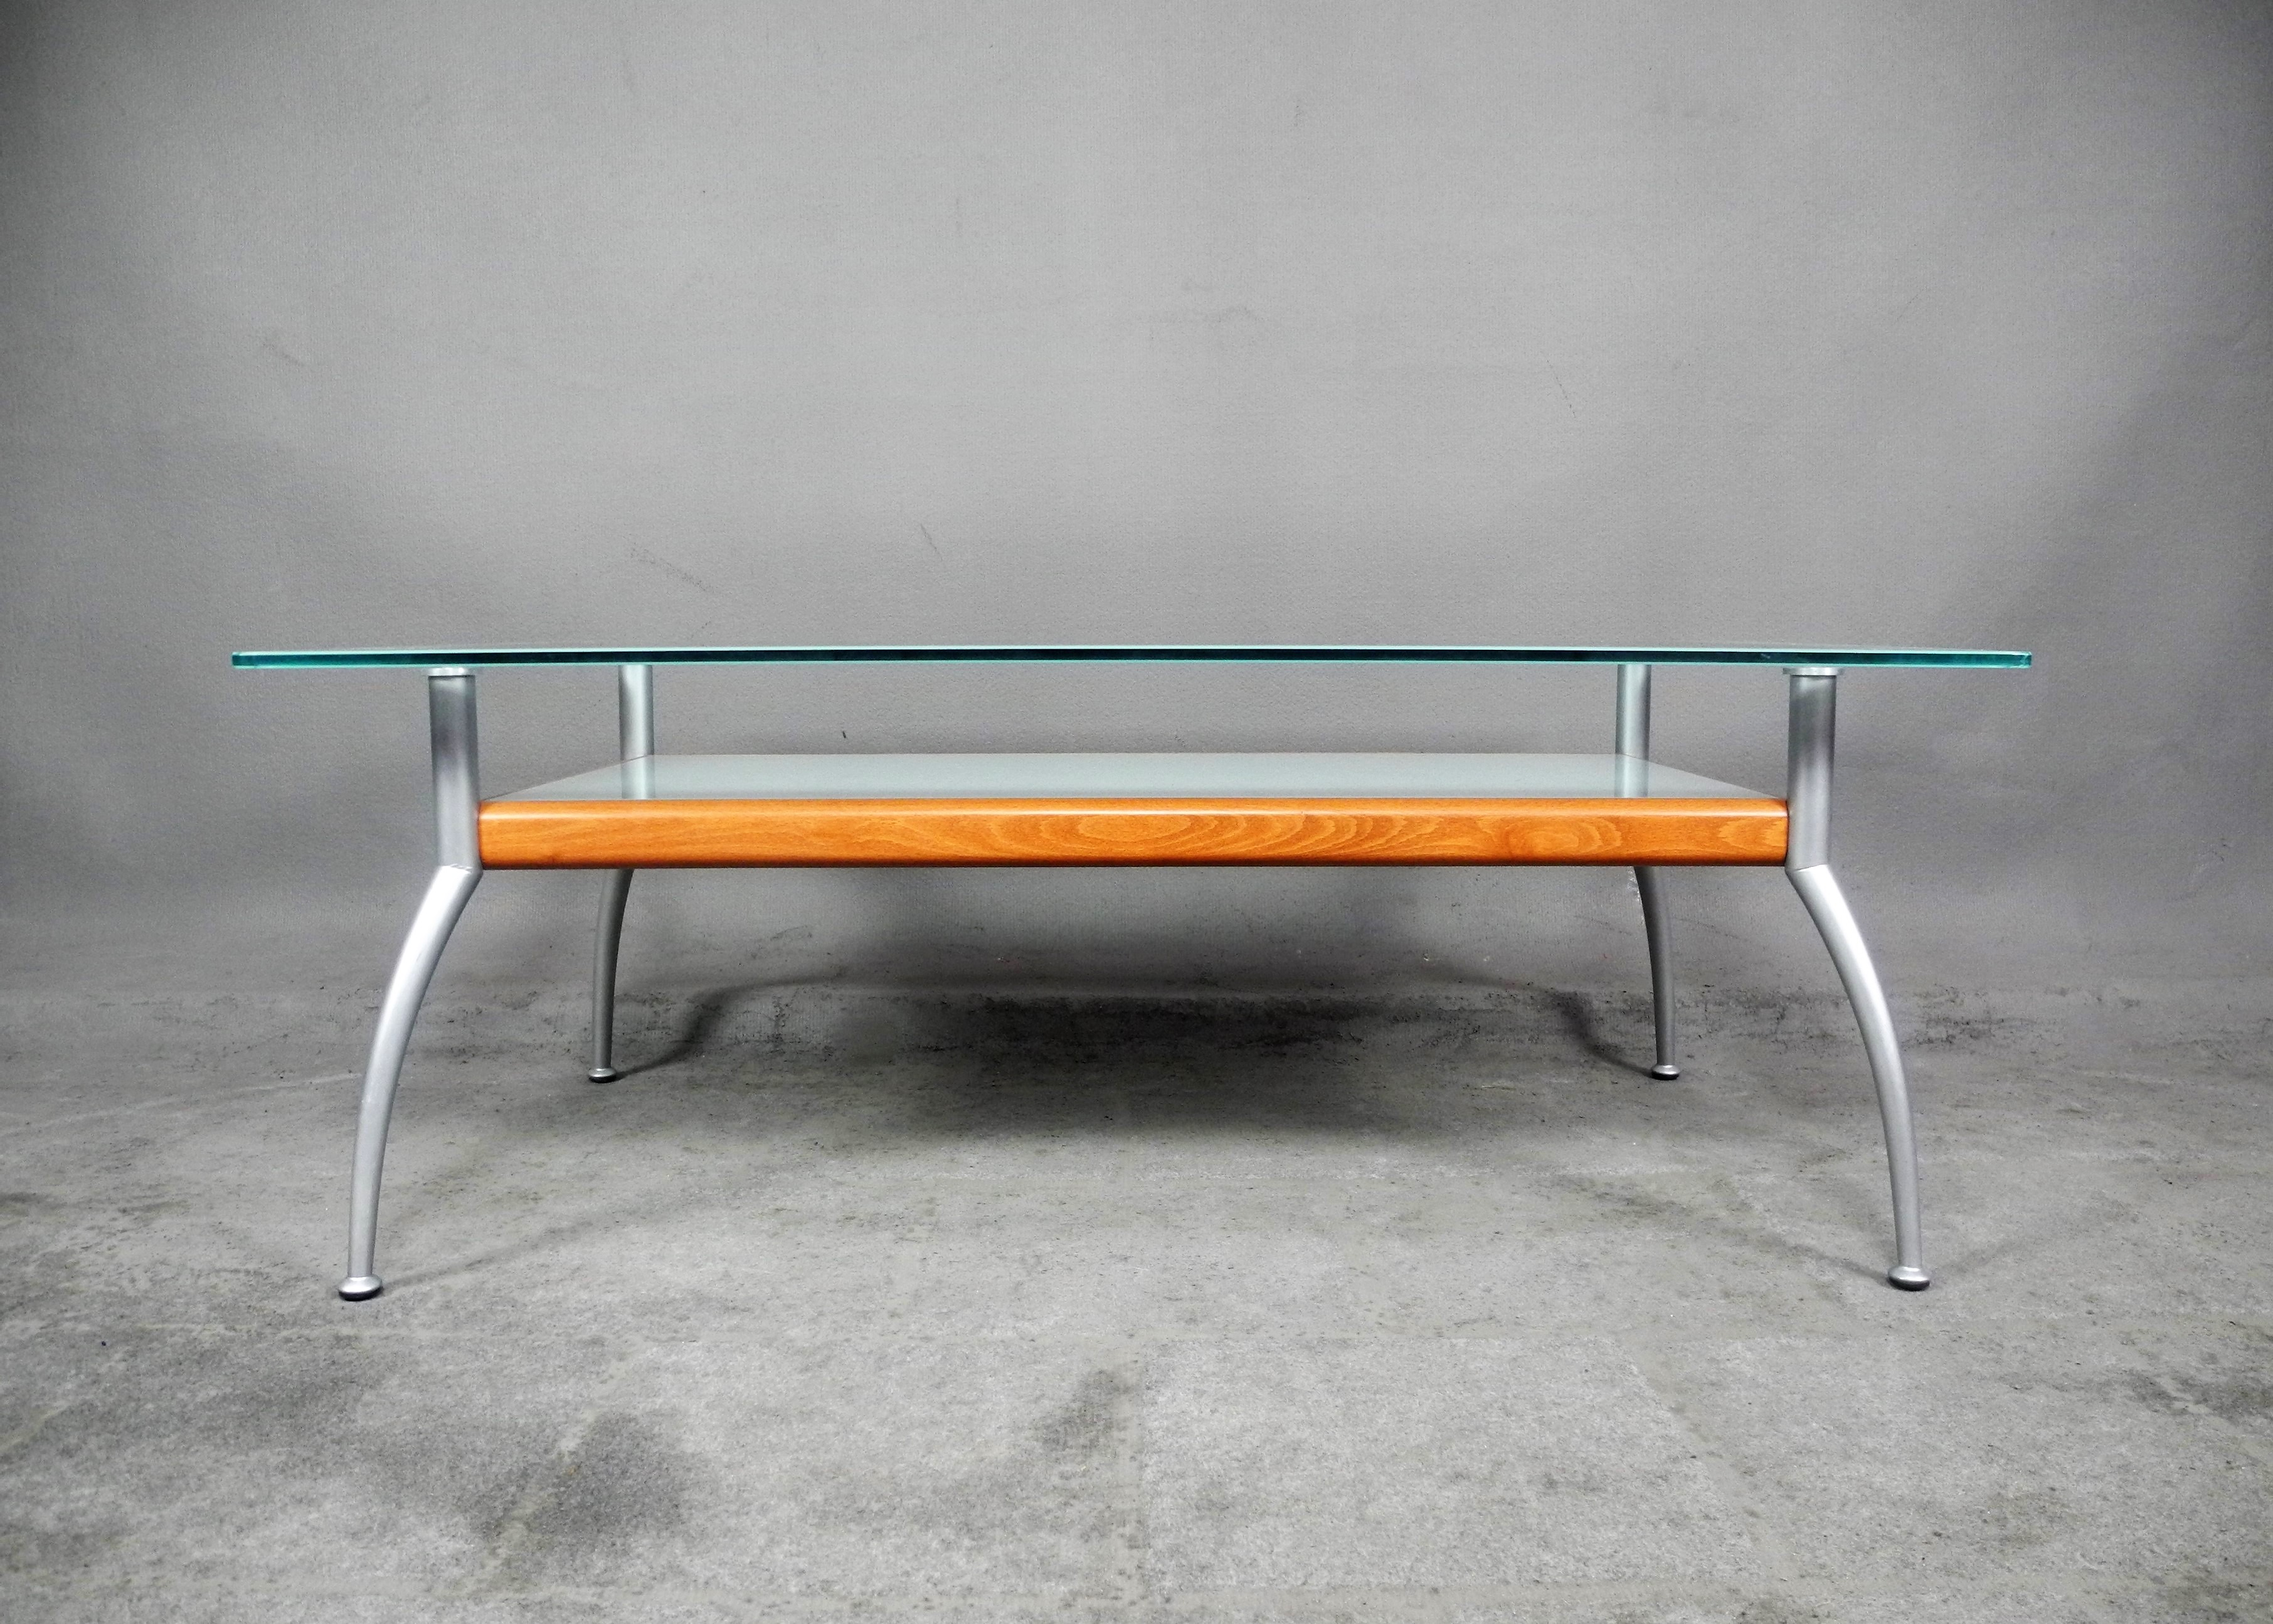 Waarom je tweedehands meubelen zou moeten kopen catawiki for Design tweedehands meubelen